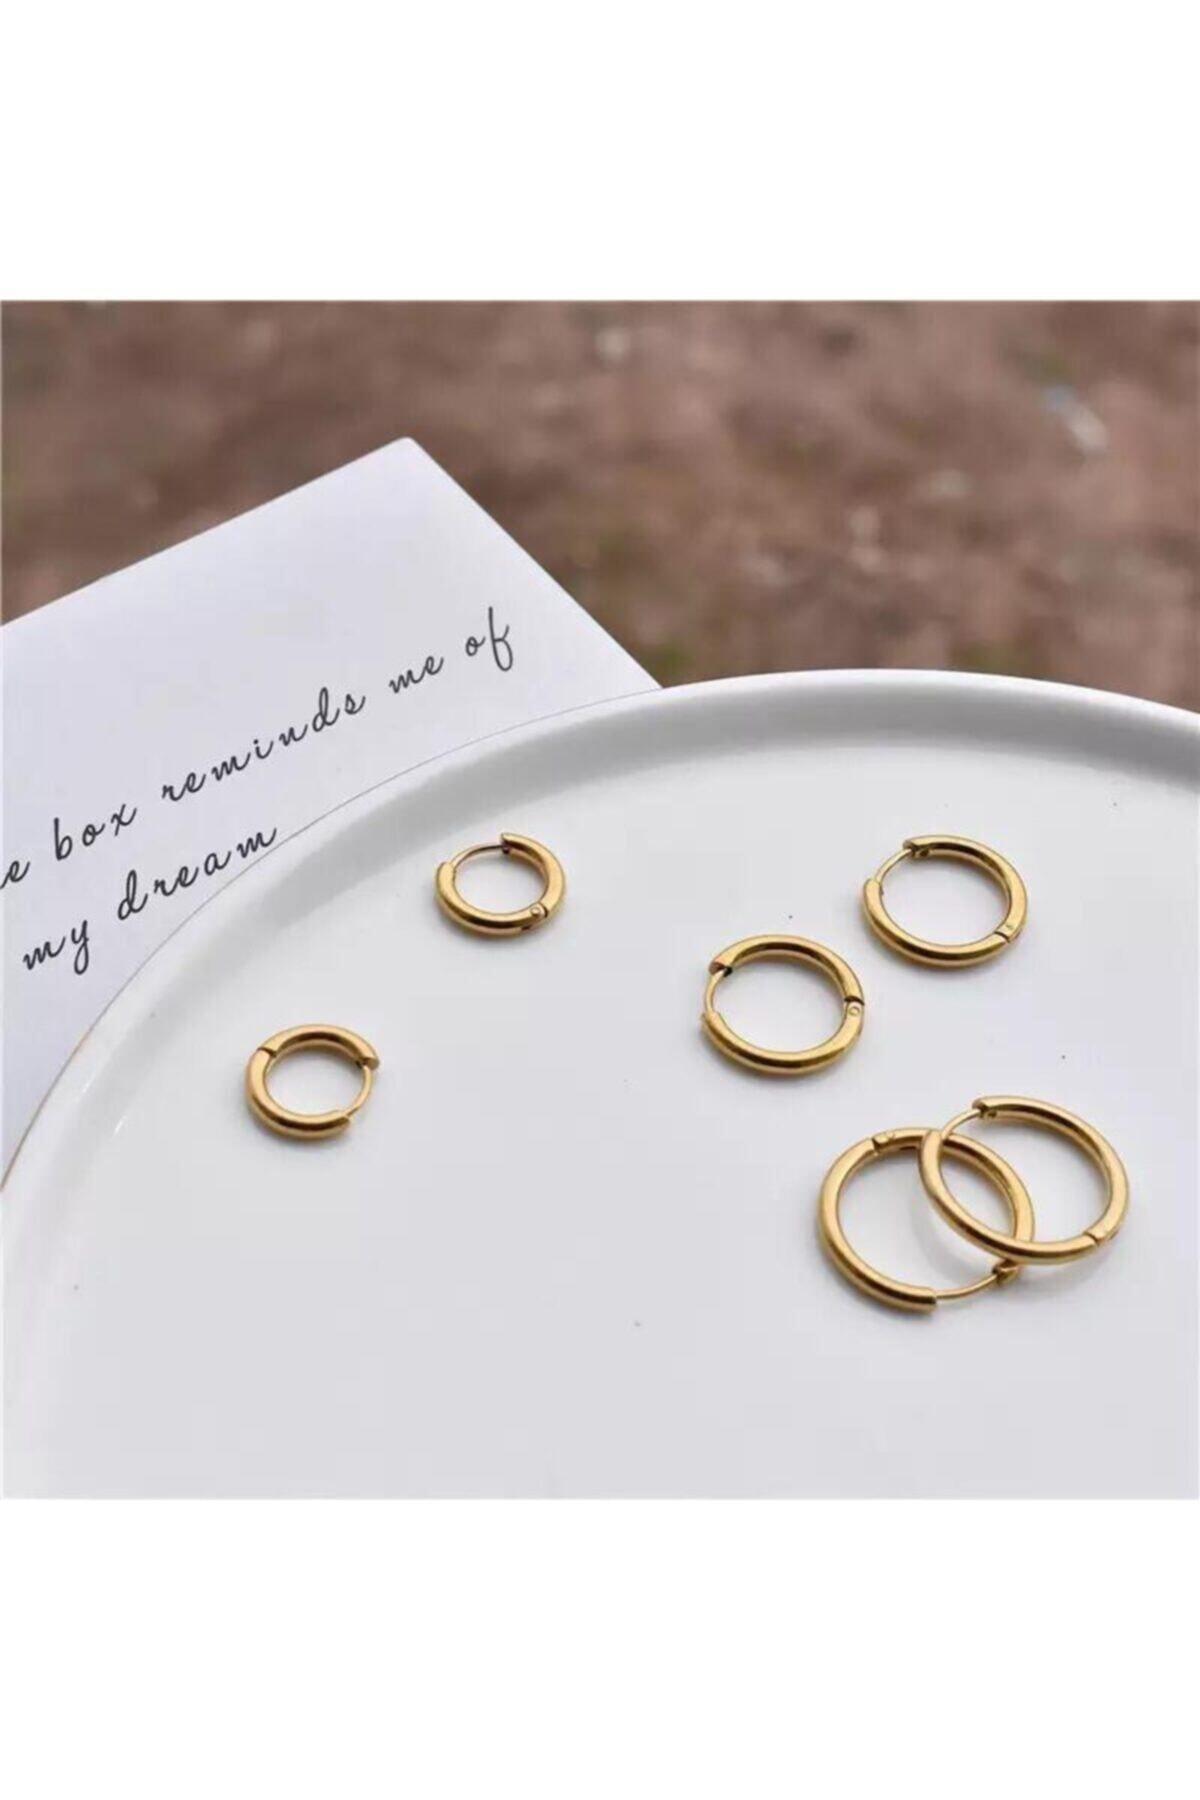 خرید پستی گوشواره زنانه پارچه ارزانی برند Jaida Moda رنگ طلایی ty70905375